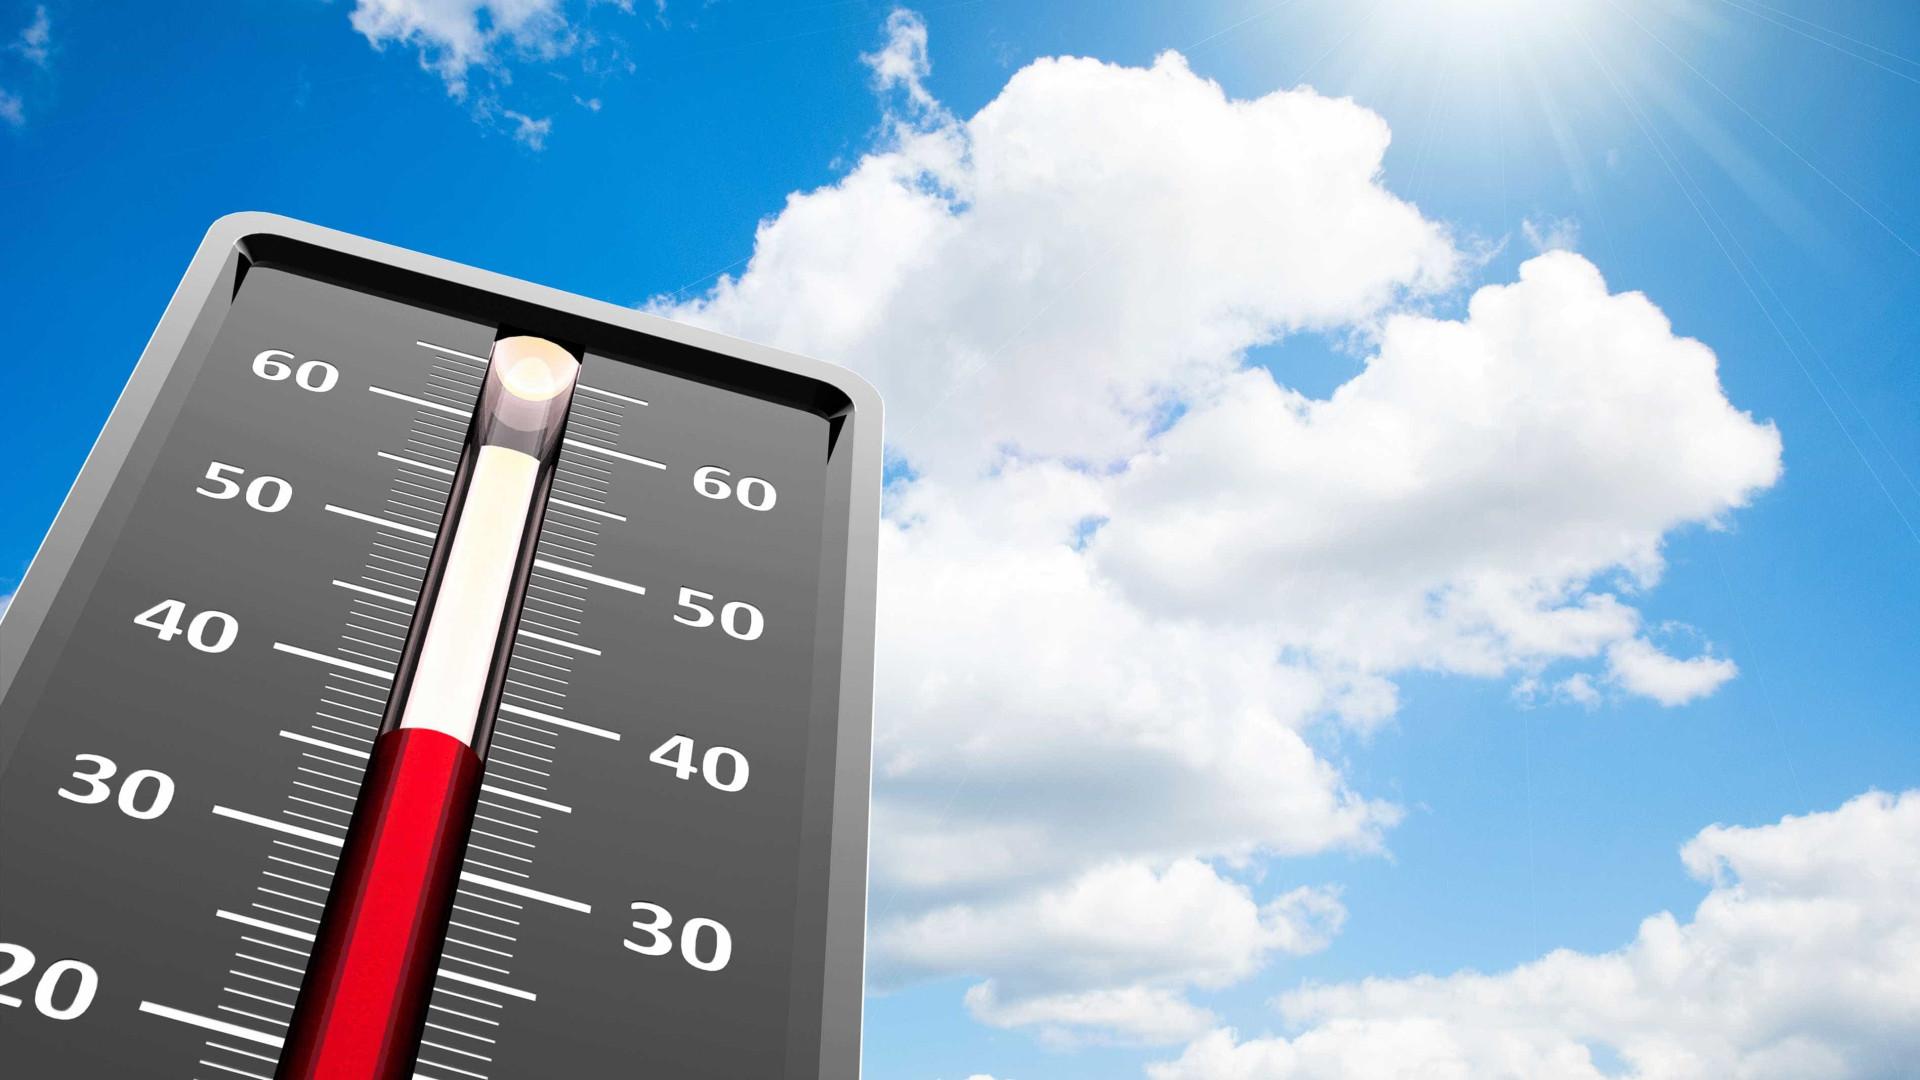 Temperaturas descem (a pique nalgumas regiões) este fim de semana